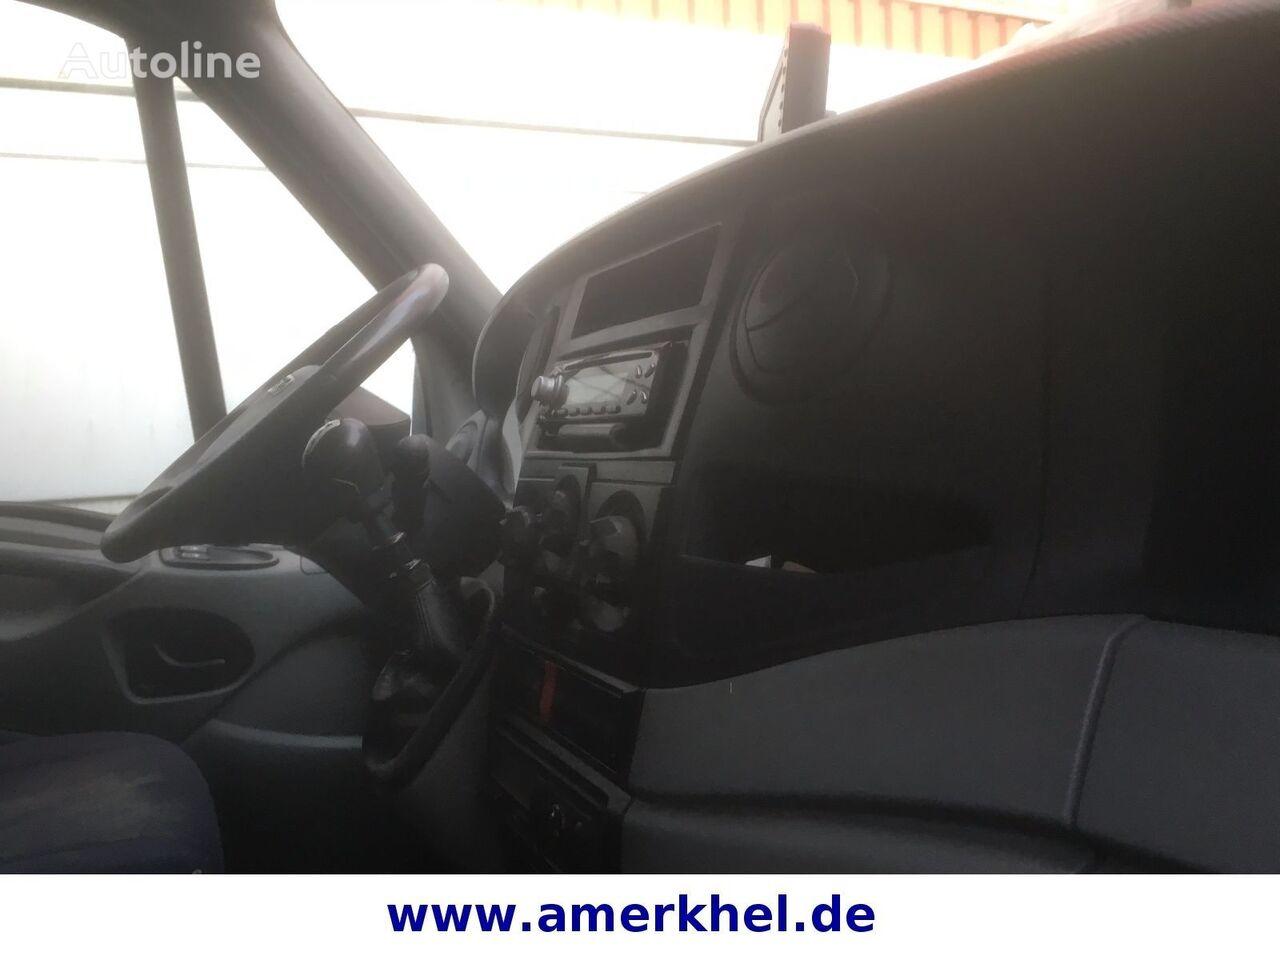 IVECO Daily c 50 cl ups camión furgón